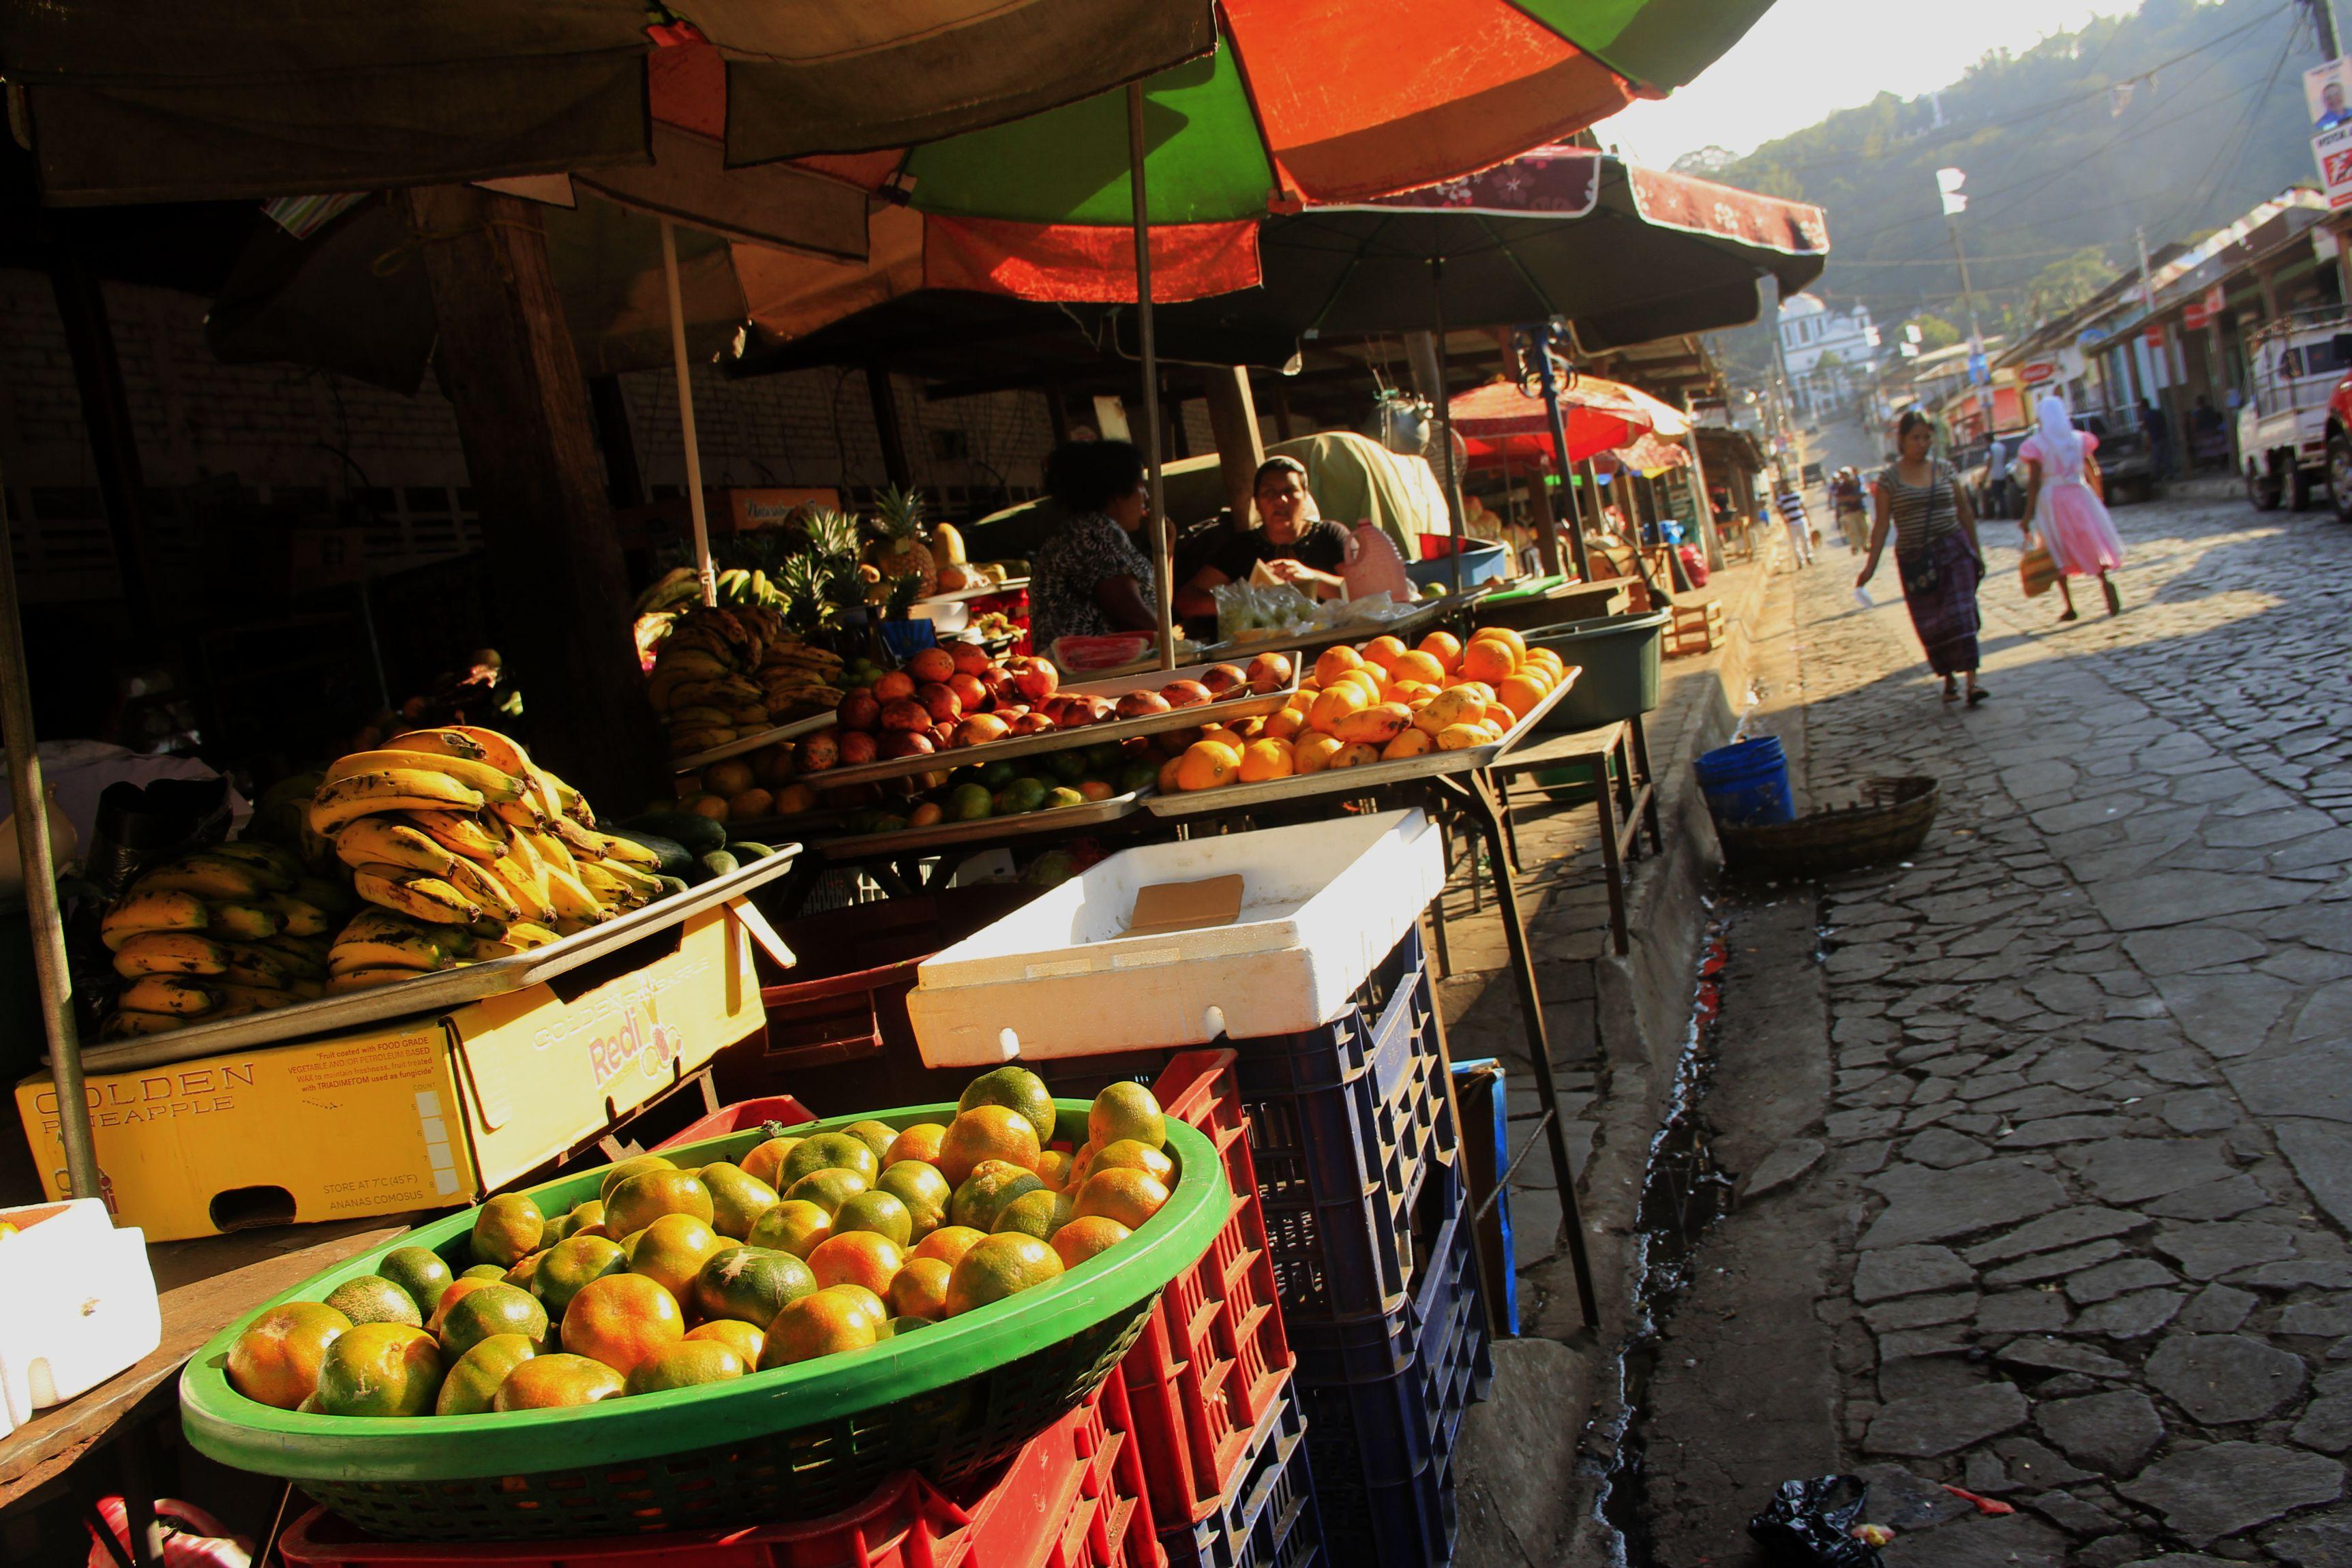 image Public market el salvador foot cam